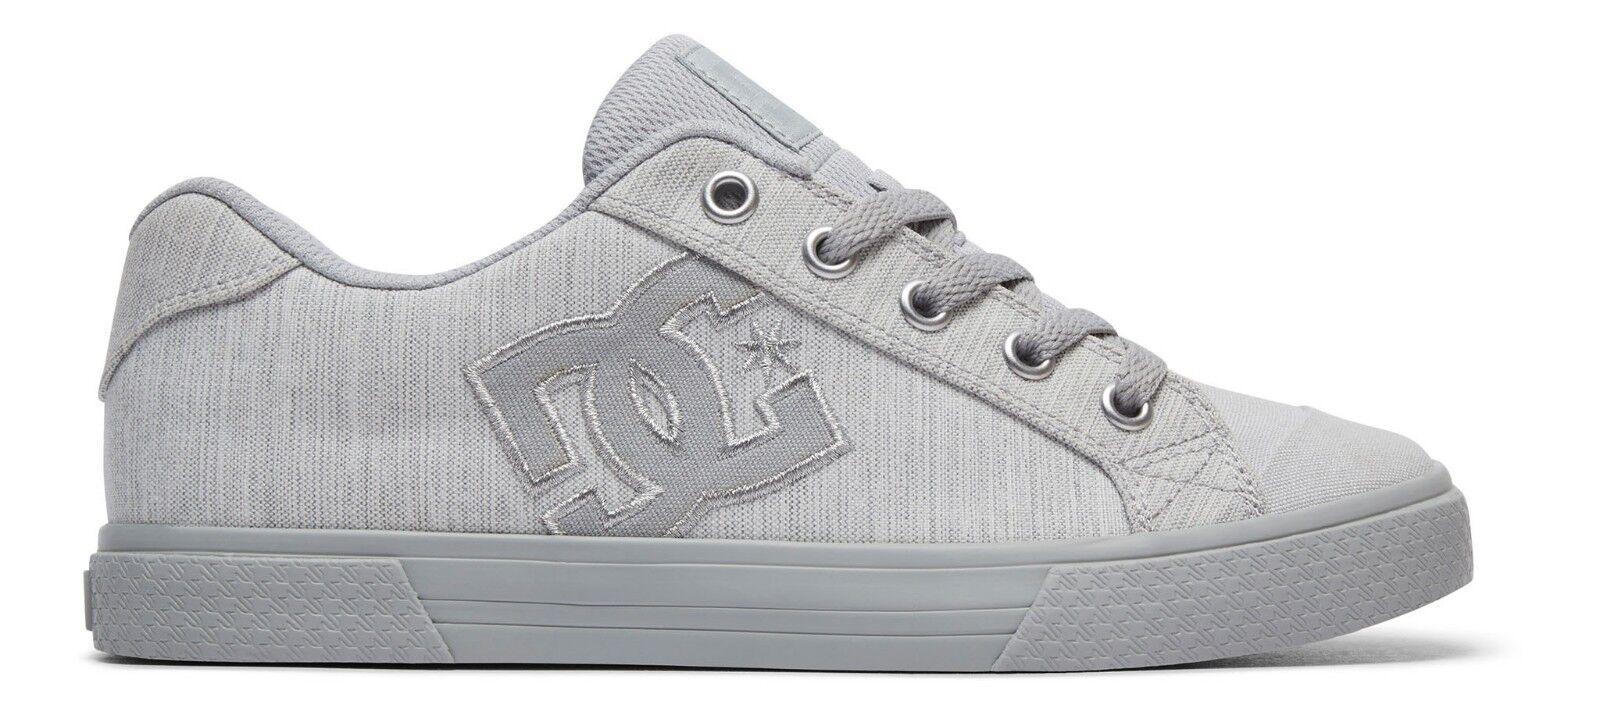 DC Womens Schuhe CHELSEA TX SE  - grey grey Canvas grey (xsss)  - Canvas grey - Gr.: 37- 42 033b36